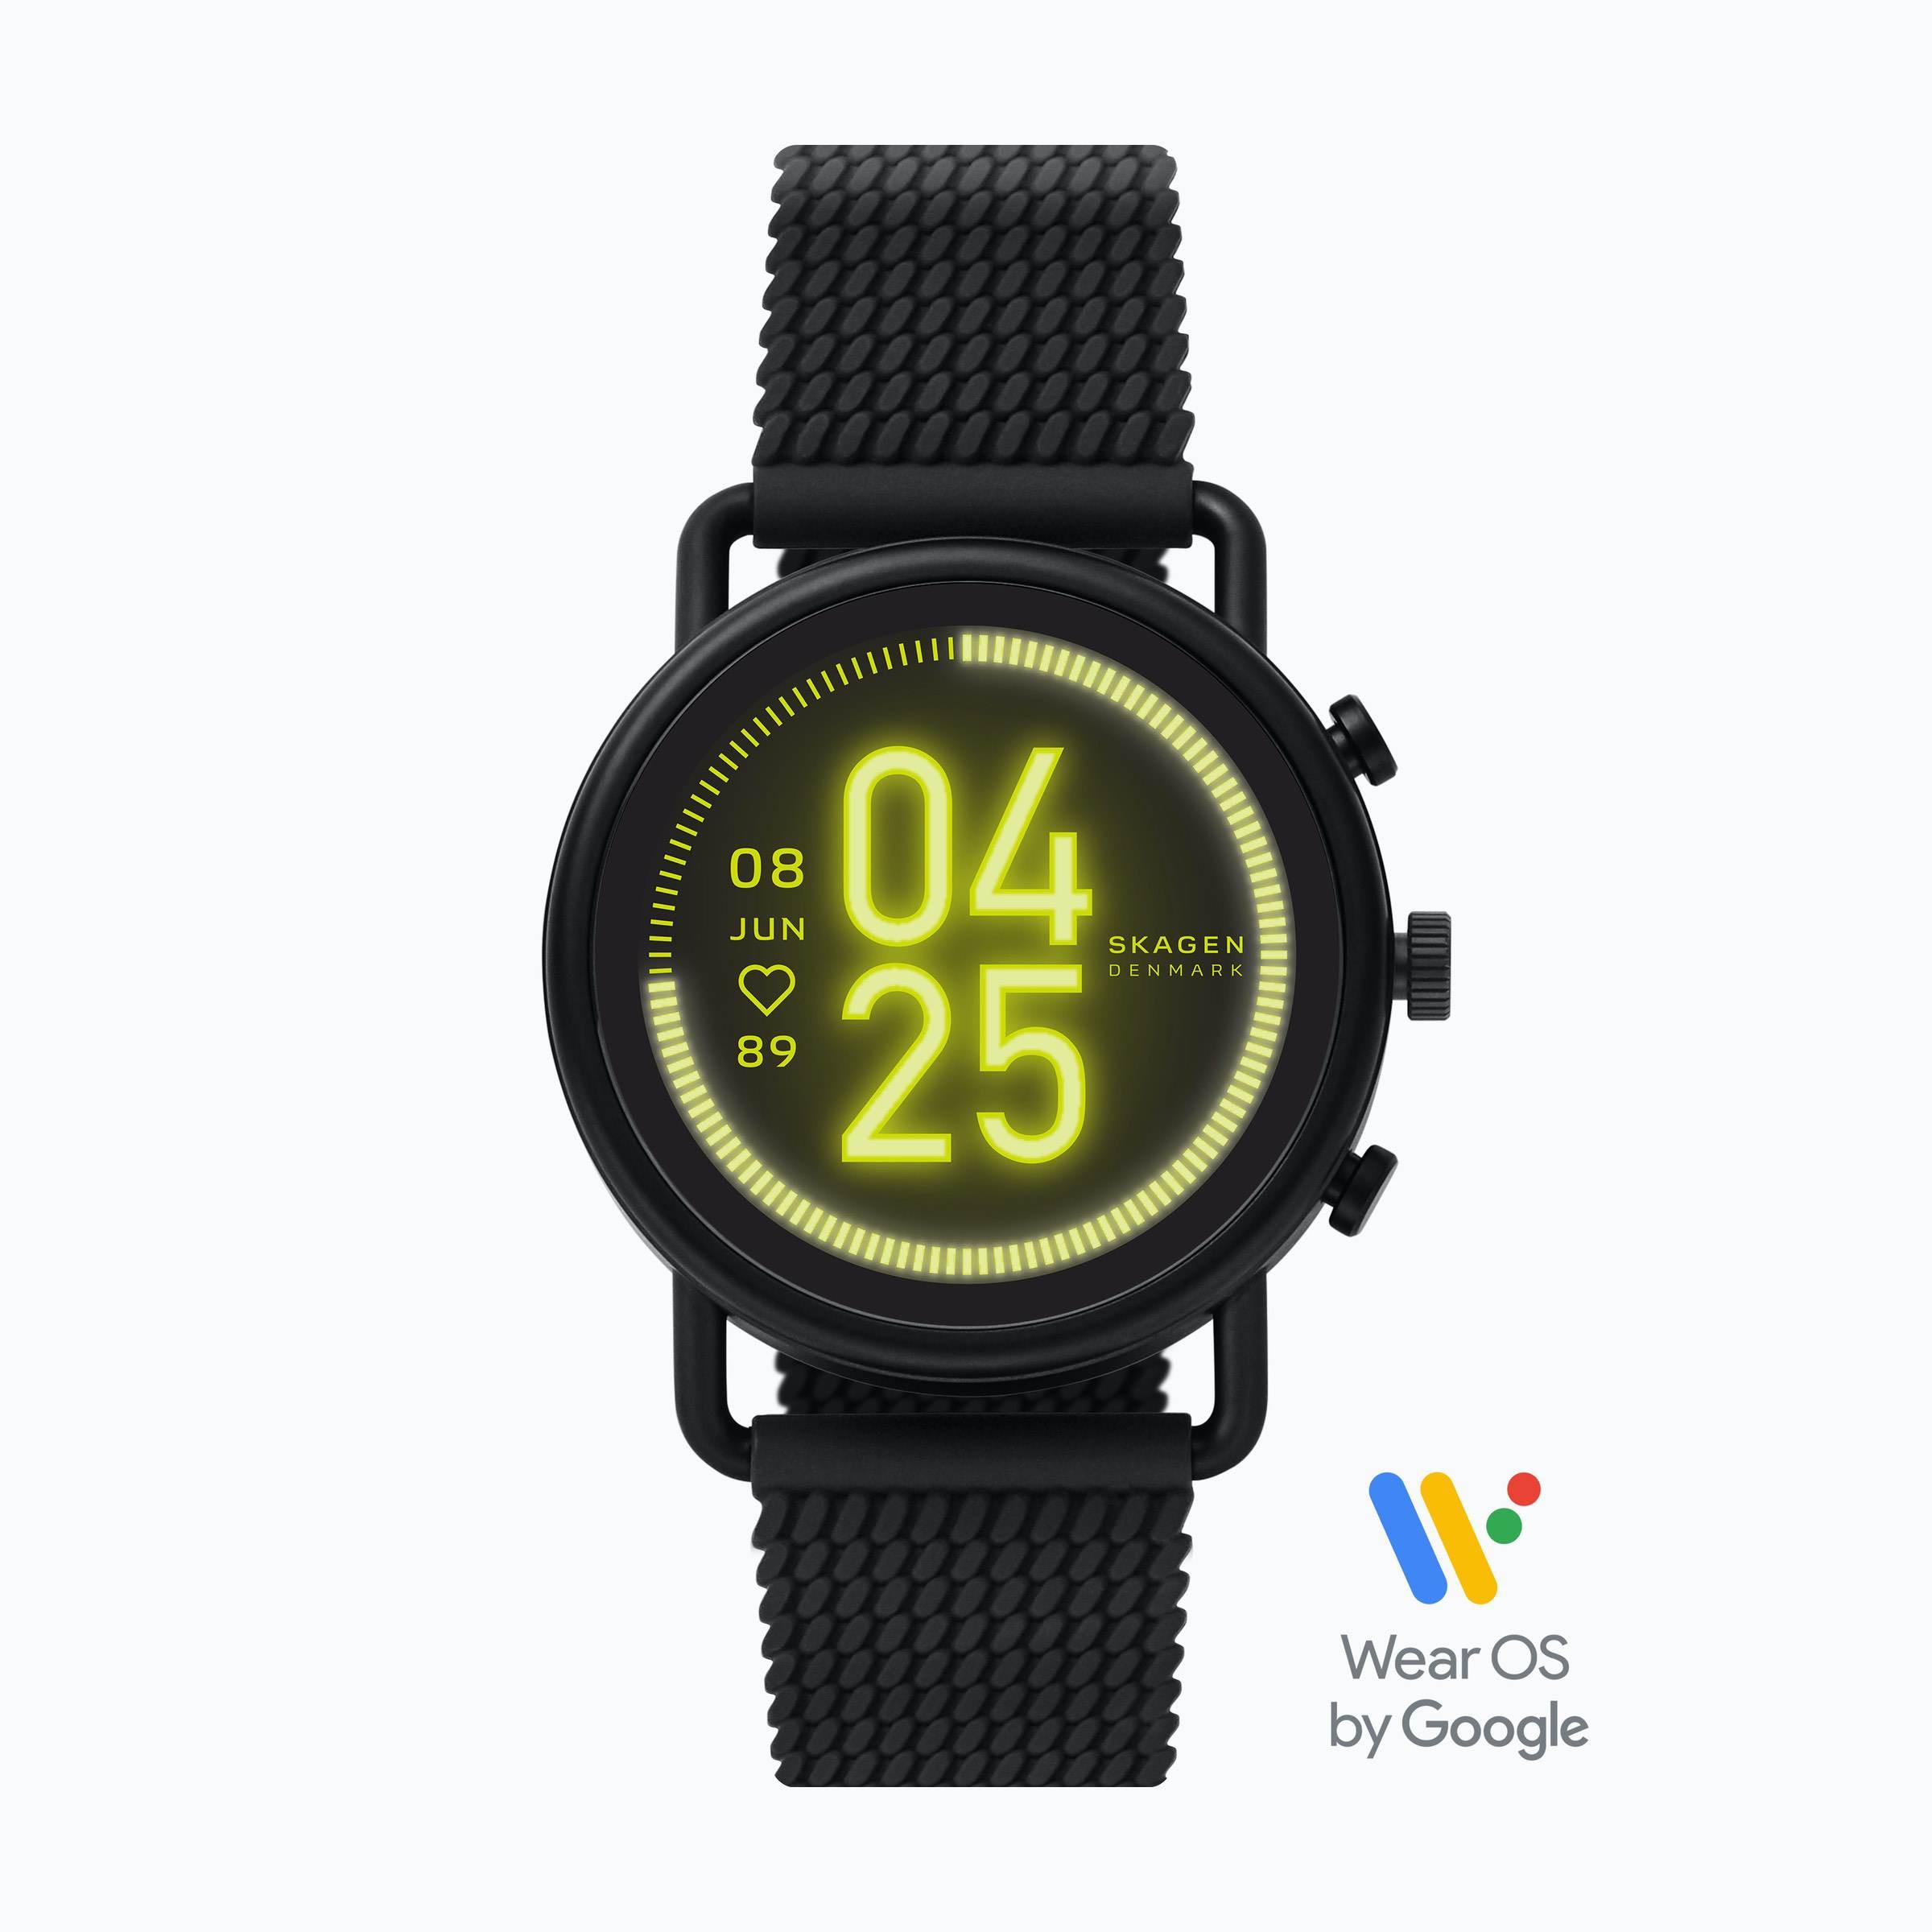 Neue Smartwatch mit Wear OS